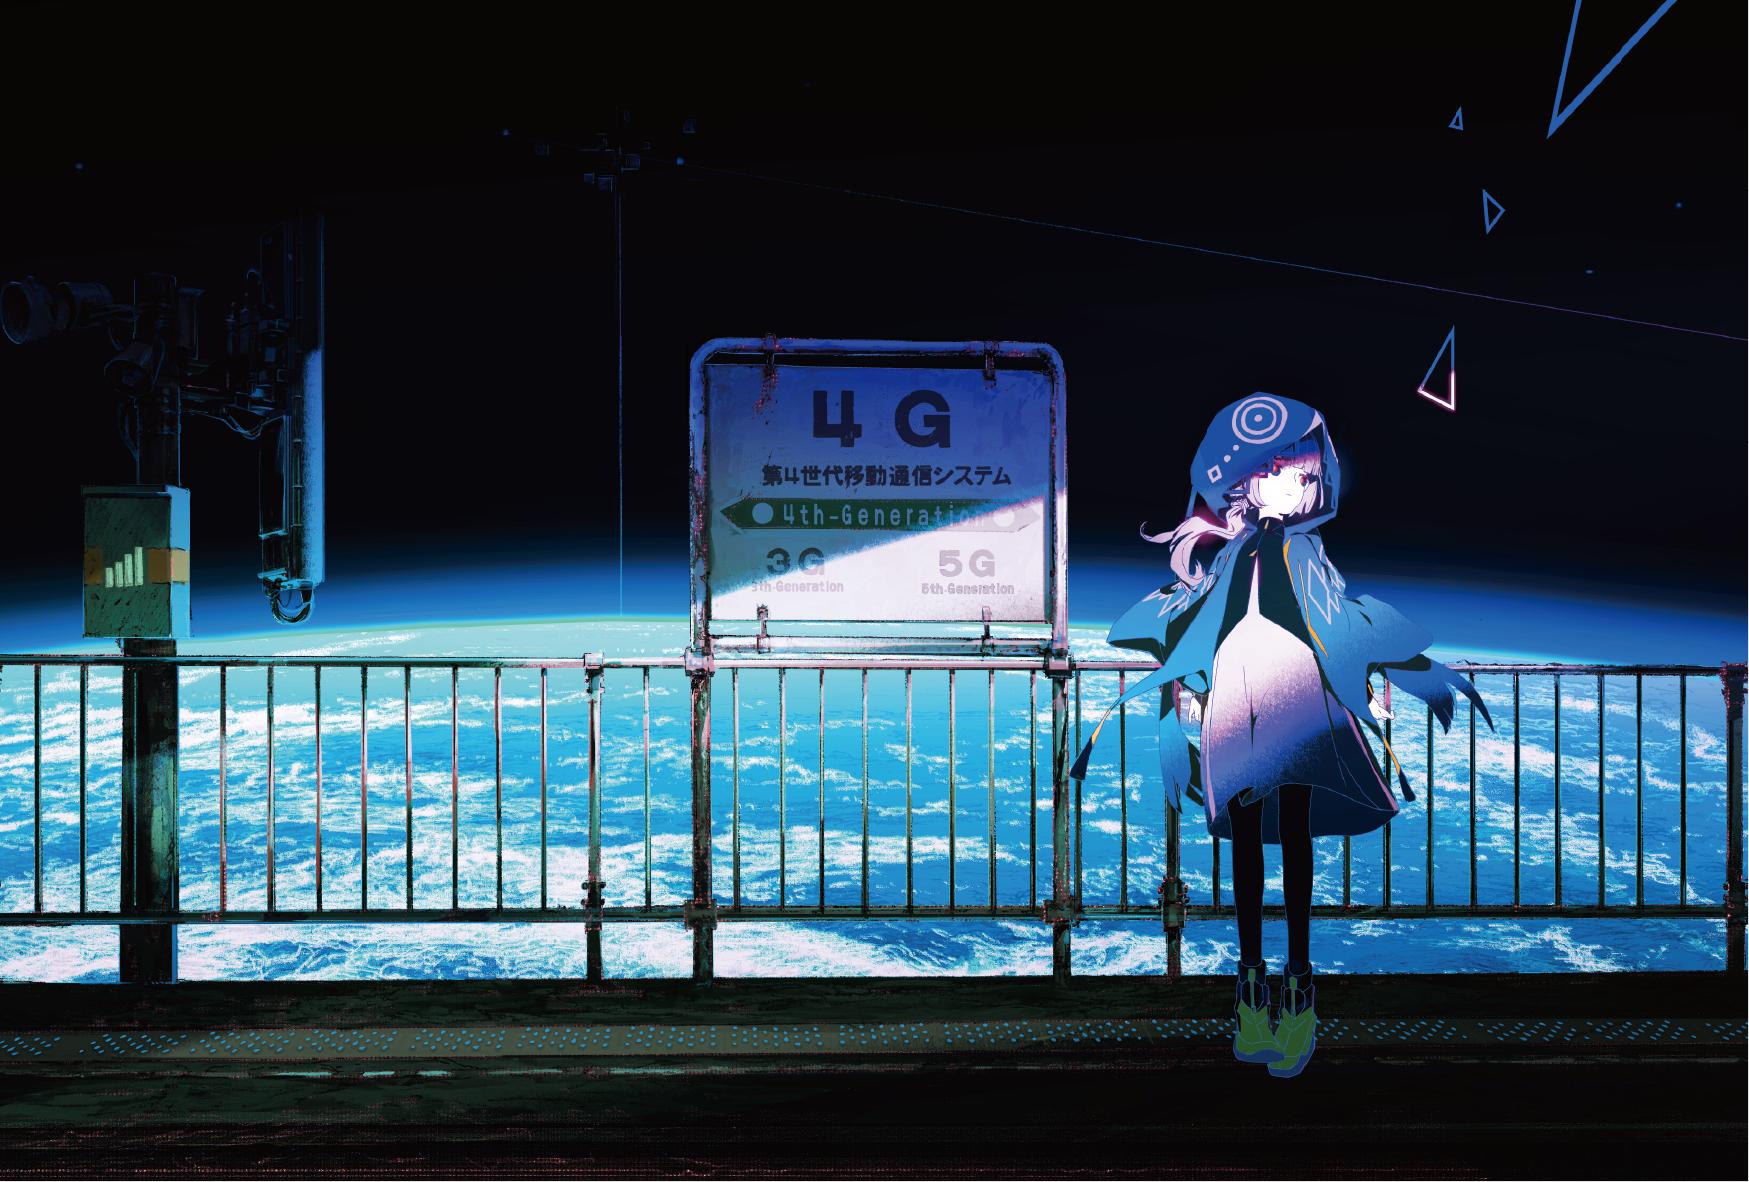 花谱真可爱!2020年花谱展内容发表,米山舞等画师绘图公开- ACG17.COM